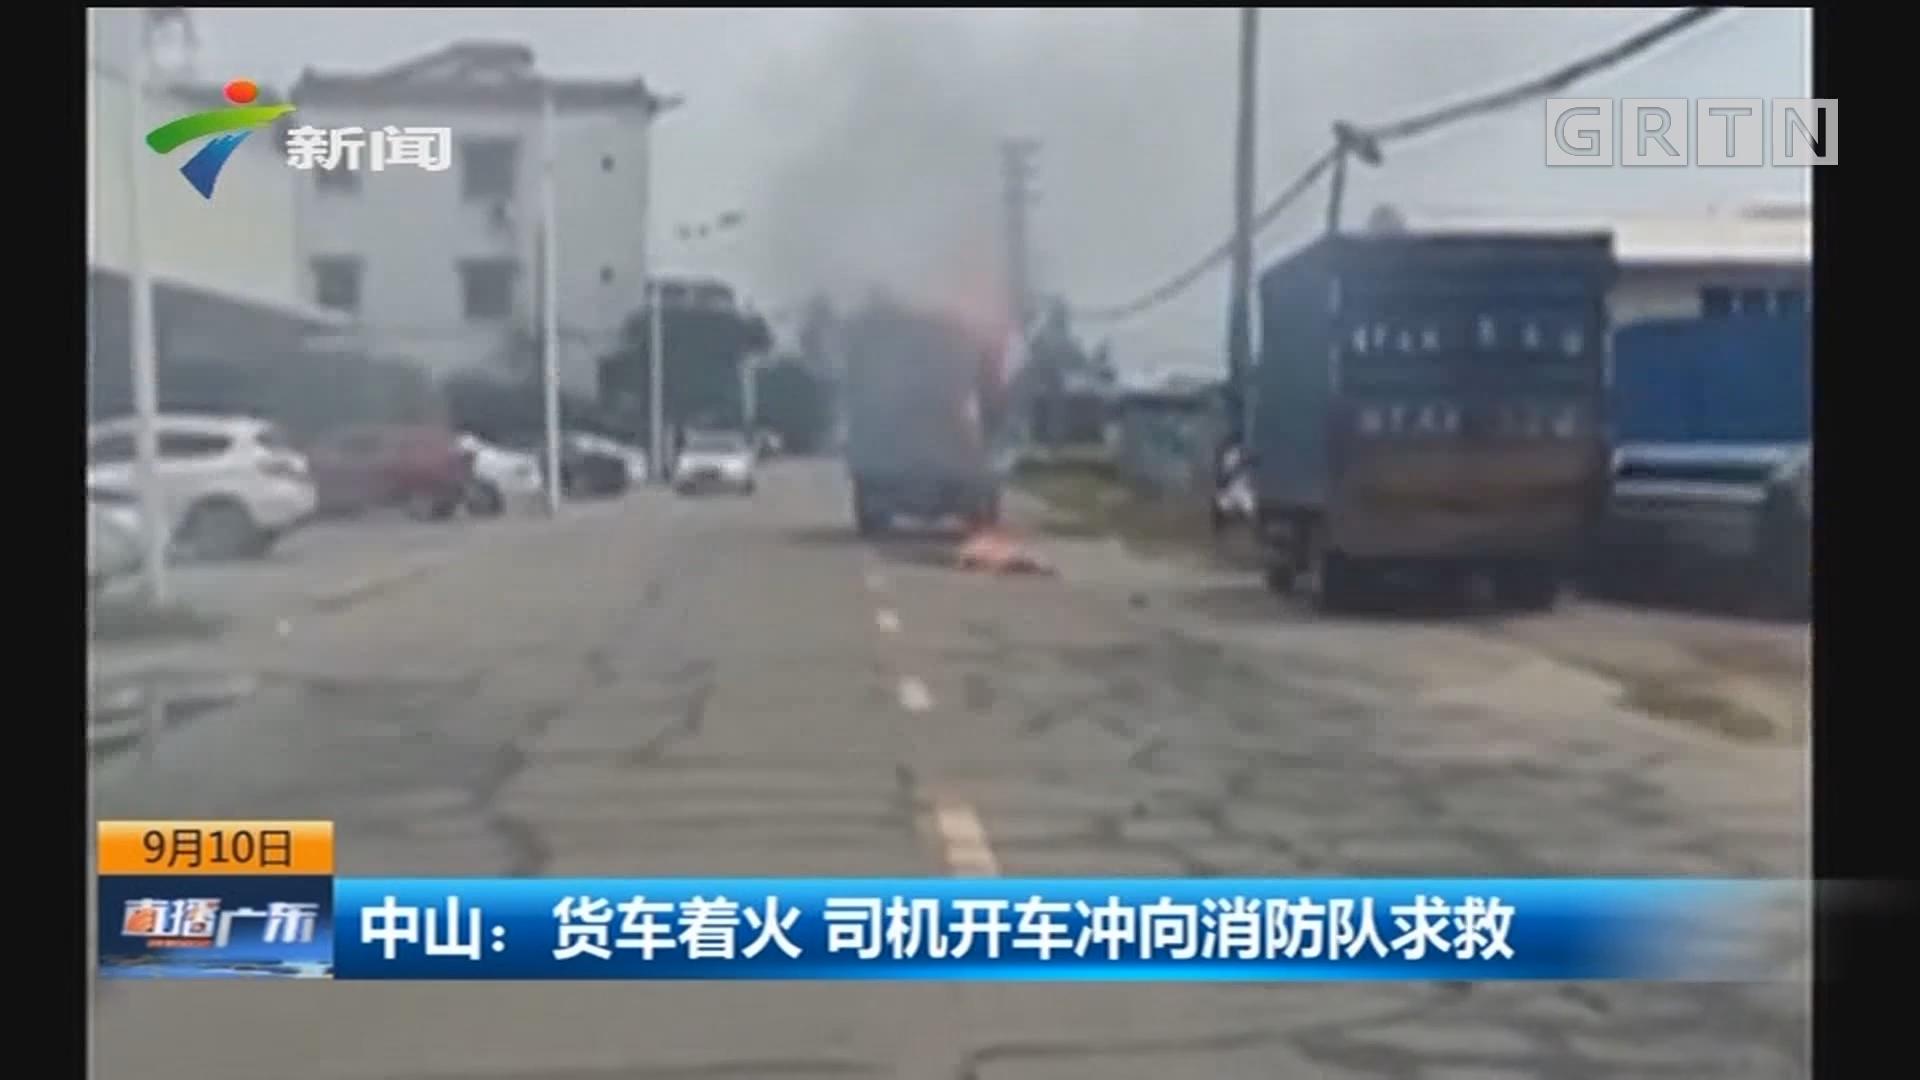 中山:货车着火 司机开车冲向消防队求救